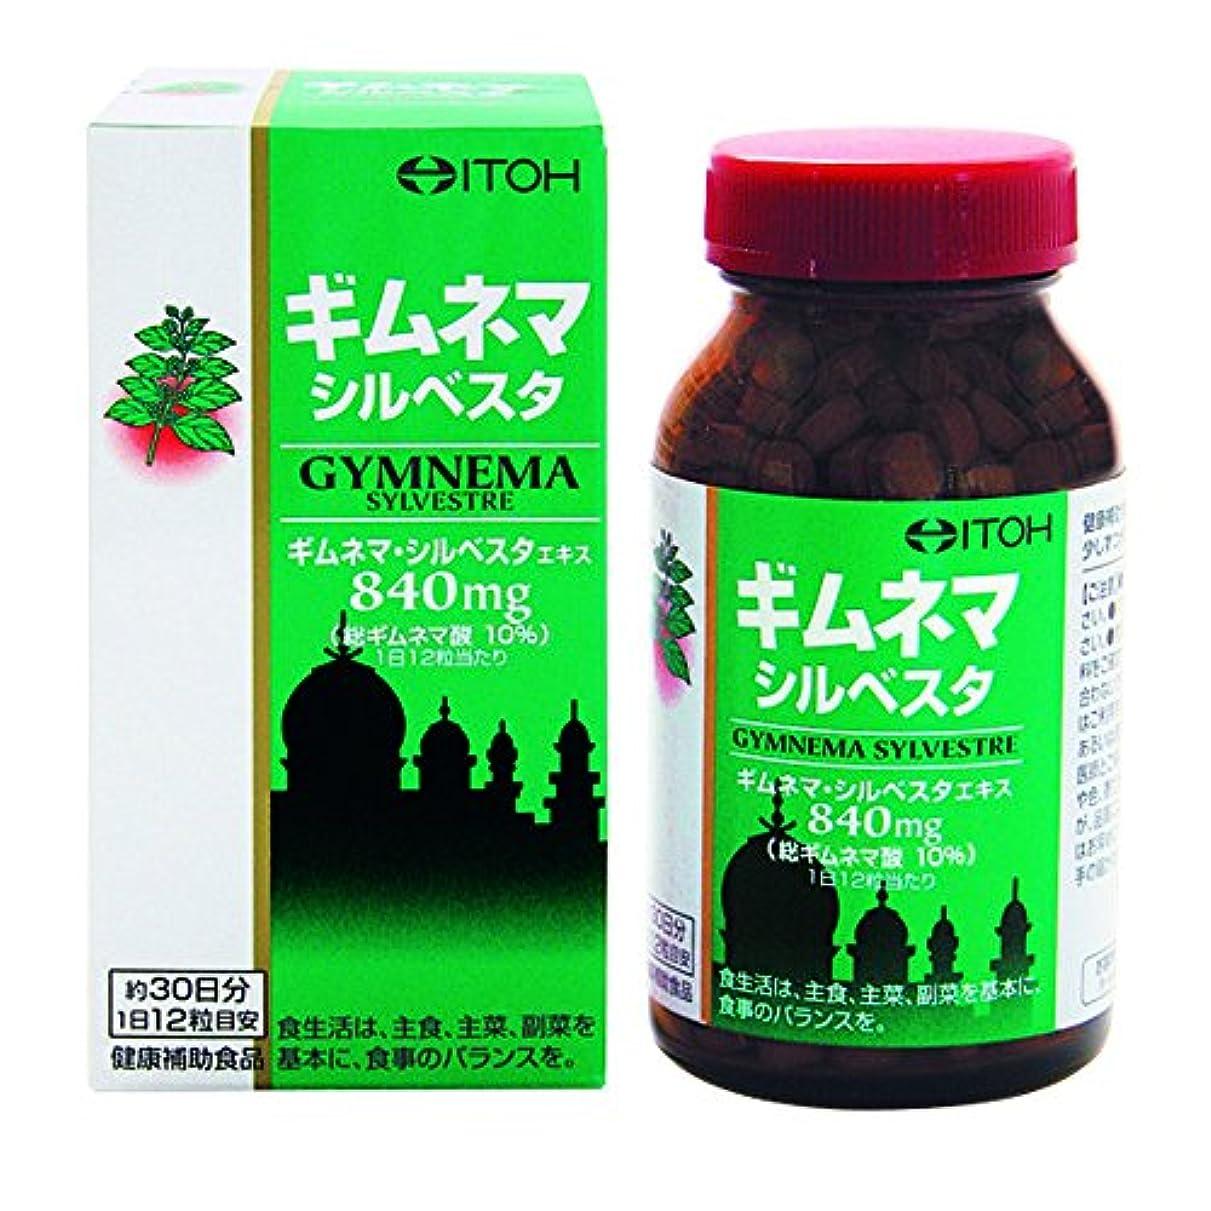 井藤漢方製薬 ギムネマ?シルベスタ B 360粒